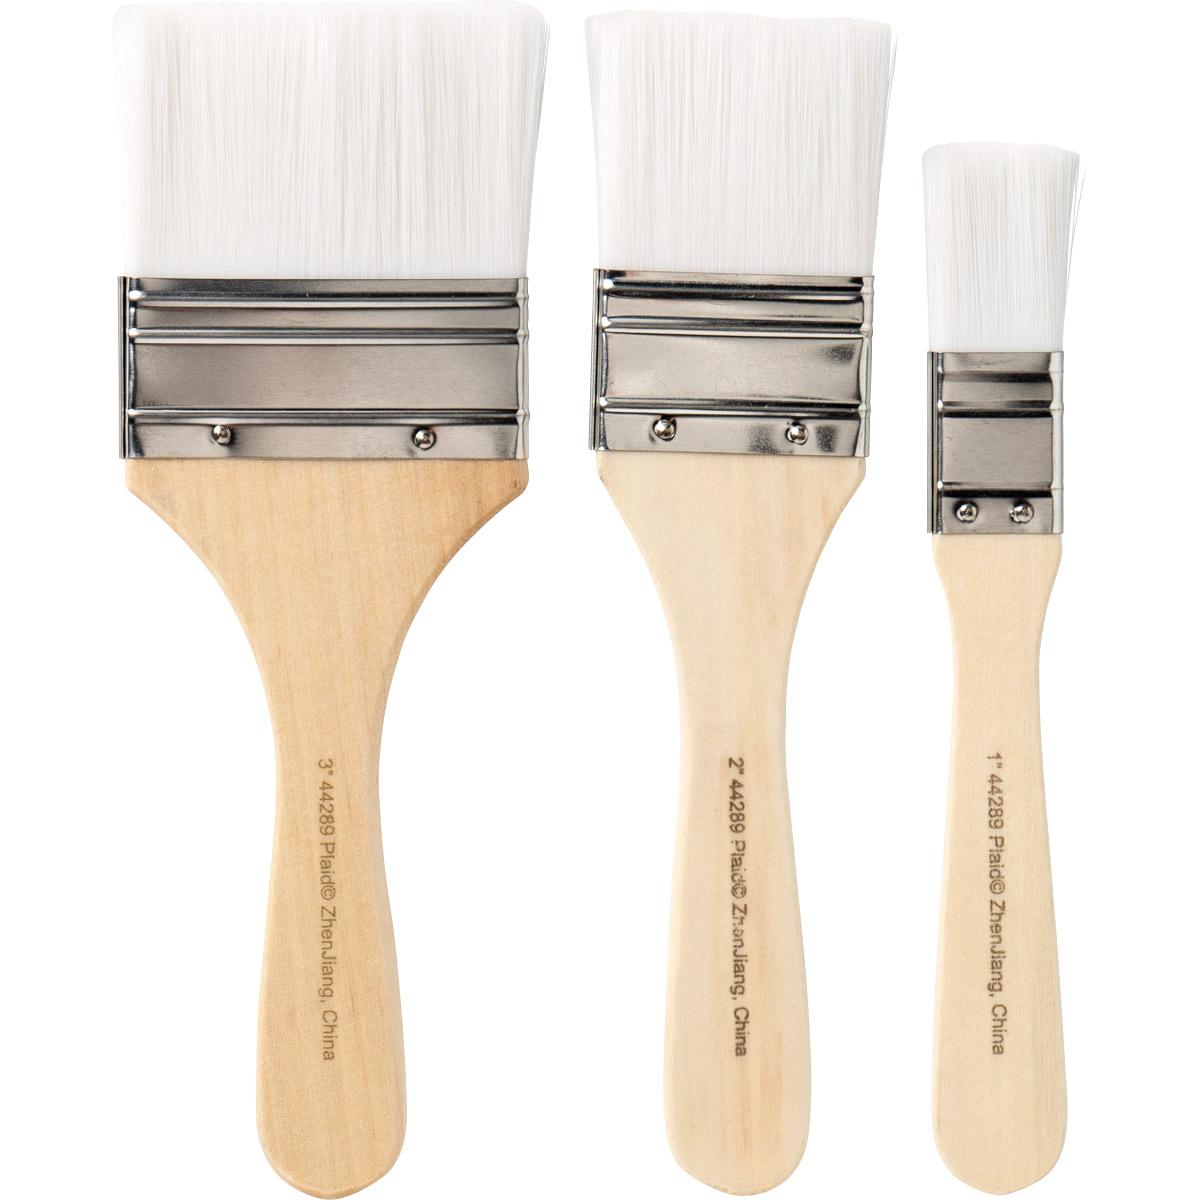 Plaid ® Brush Sets - White Nylon Chip Set